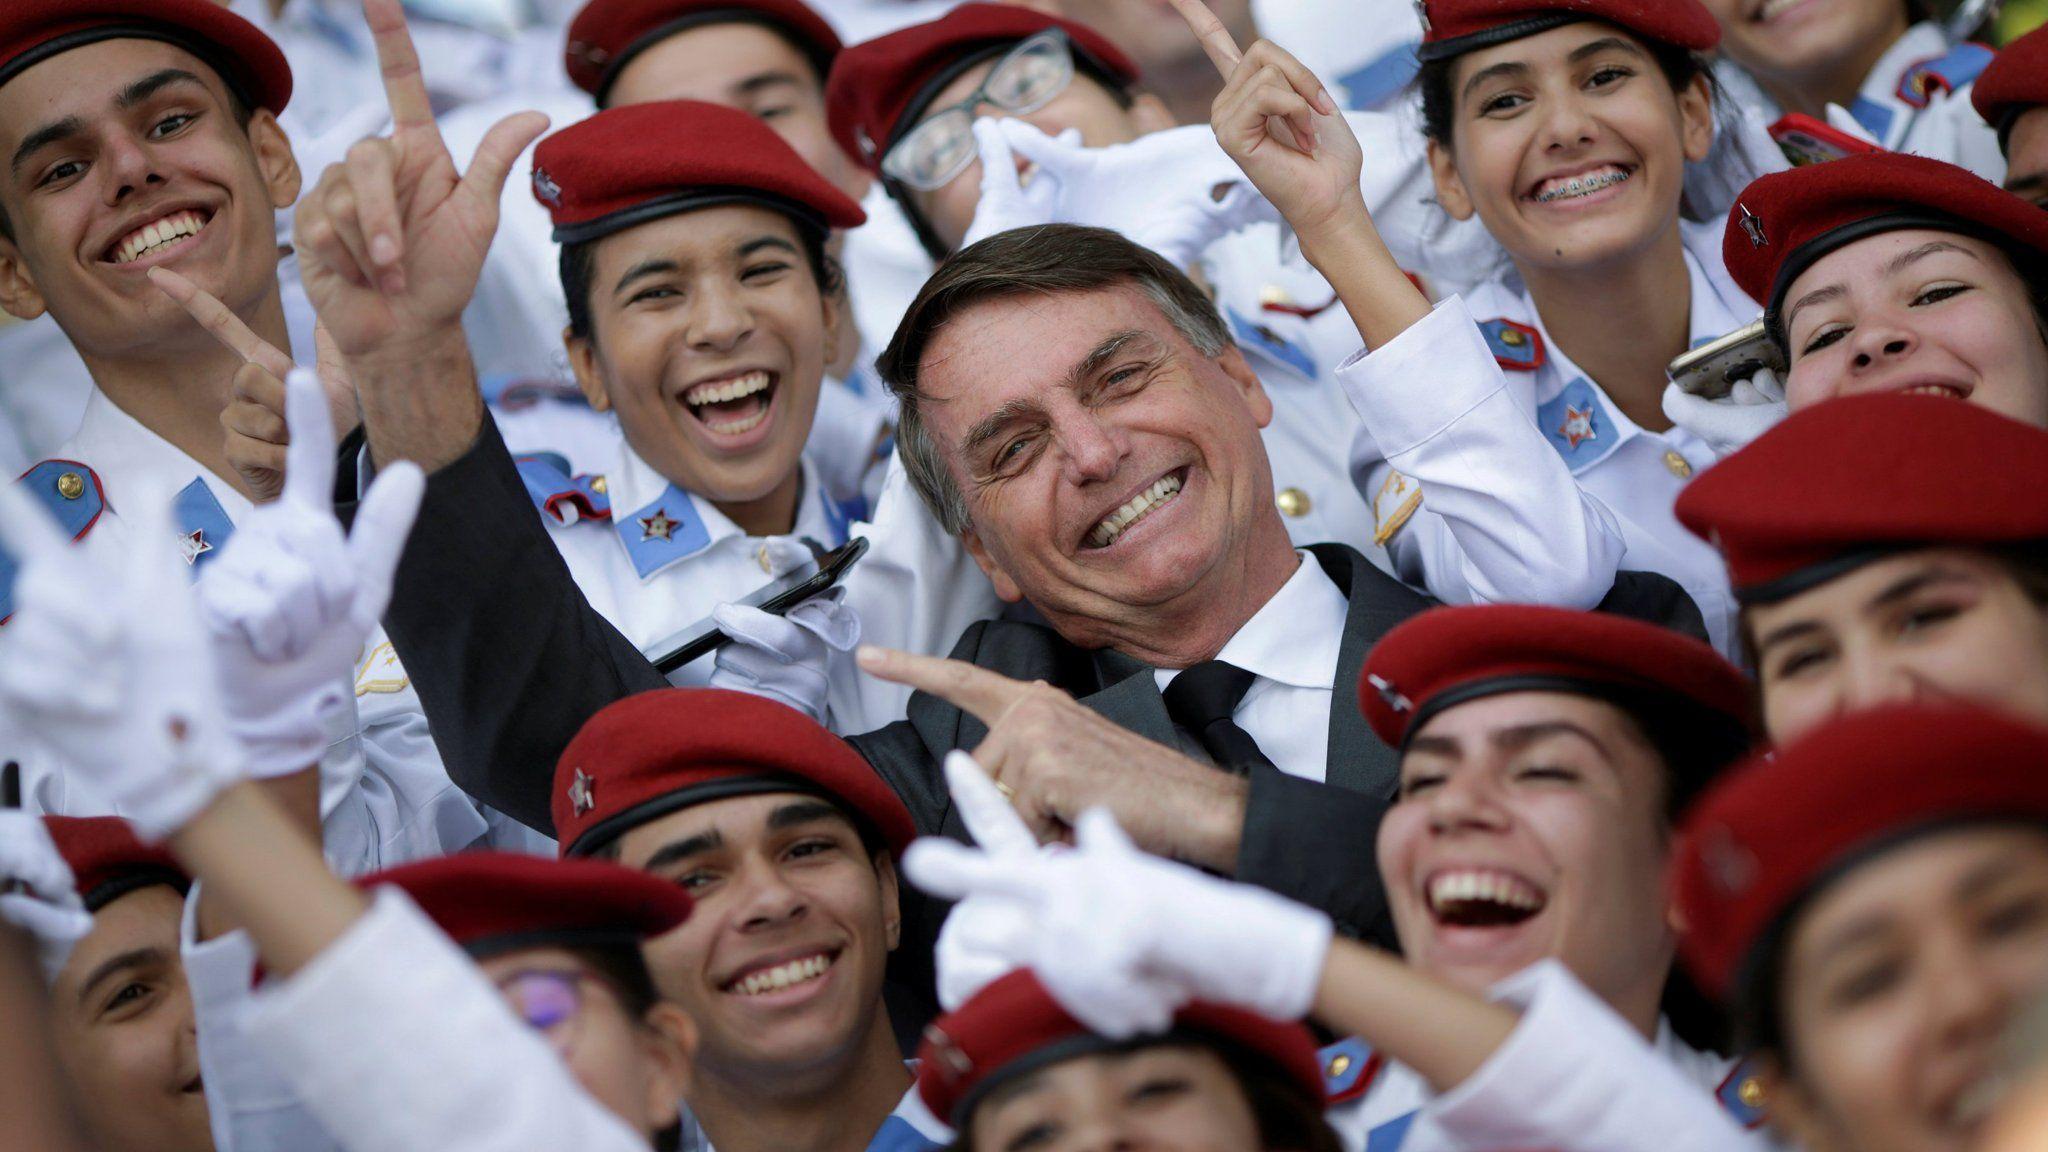 El entonces candidato Bolsonaro, con estudiantes de un colegio militar en Brasilia, en abril de 2018. Foto: Ueslei Marcelino /Reuters.